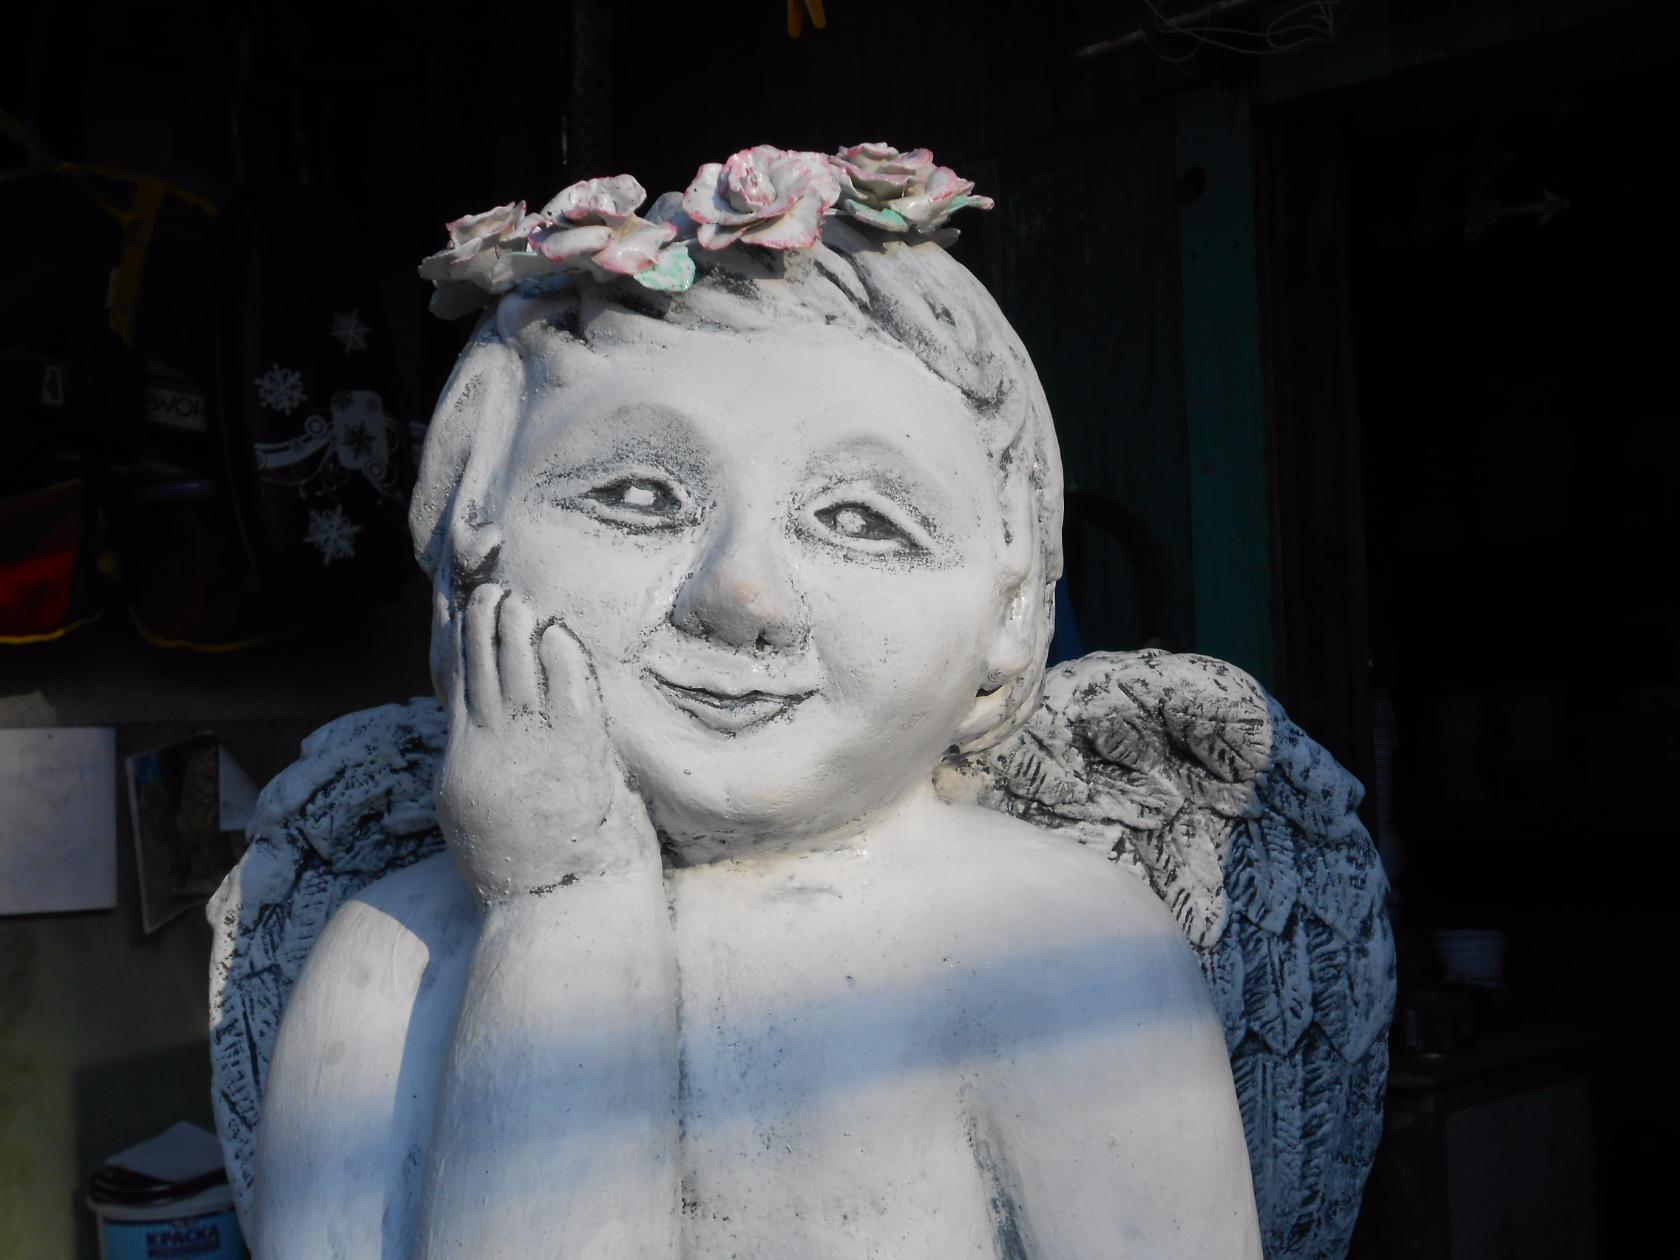 Садовые скульптуры своими руками: мастер-класс и фото Ангел скульптура своими руками